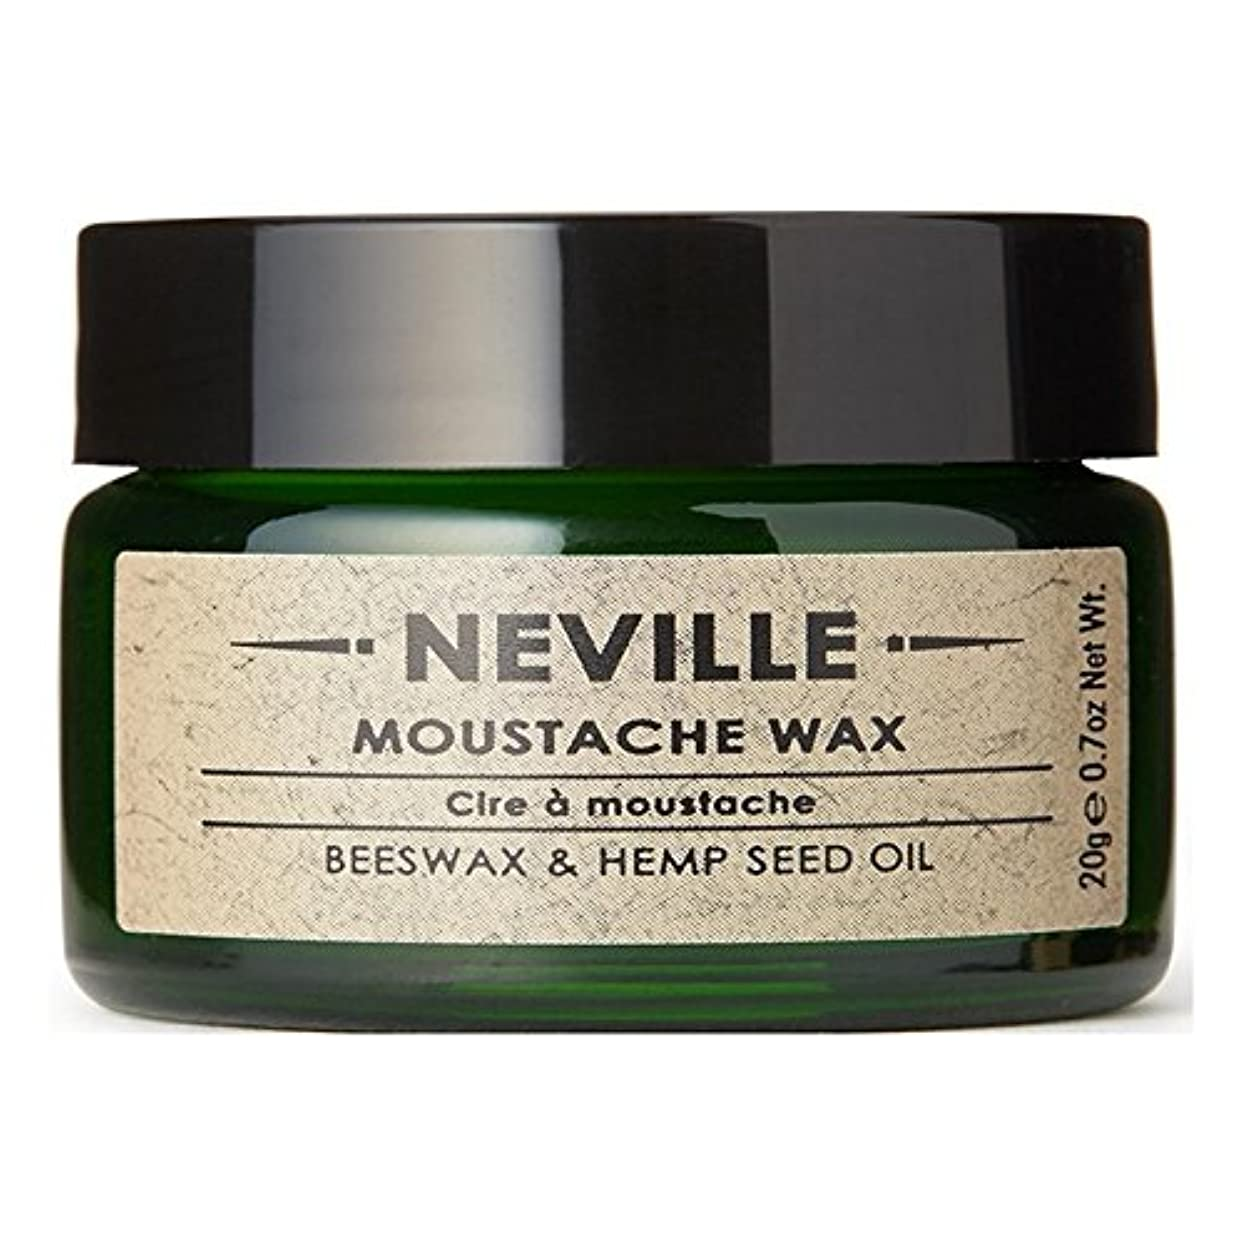 ネビル口ひげワックス x2 - Neville Moustache Wax (Pack of 2) [並行輸入品]